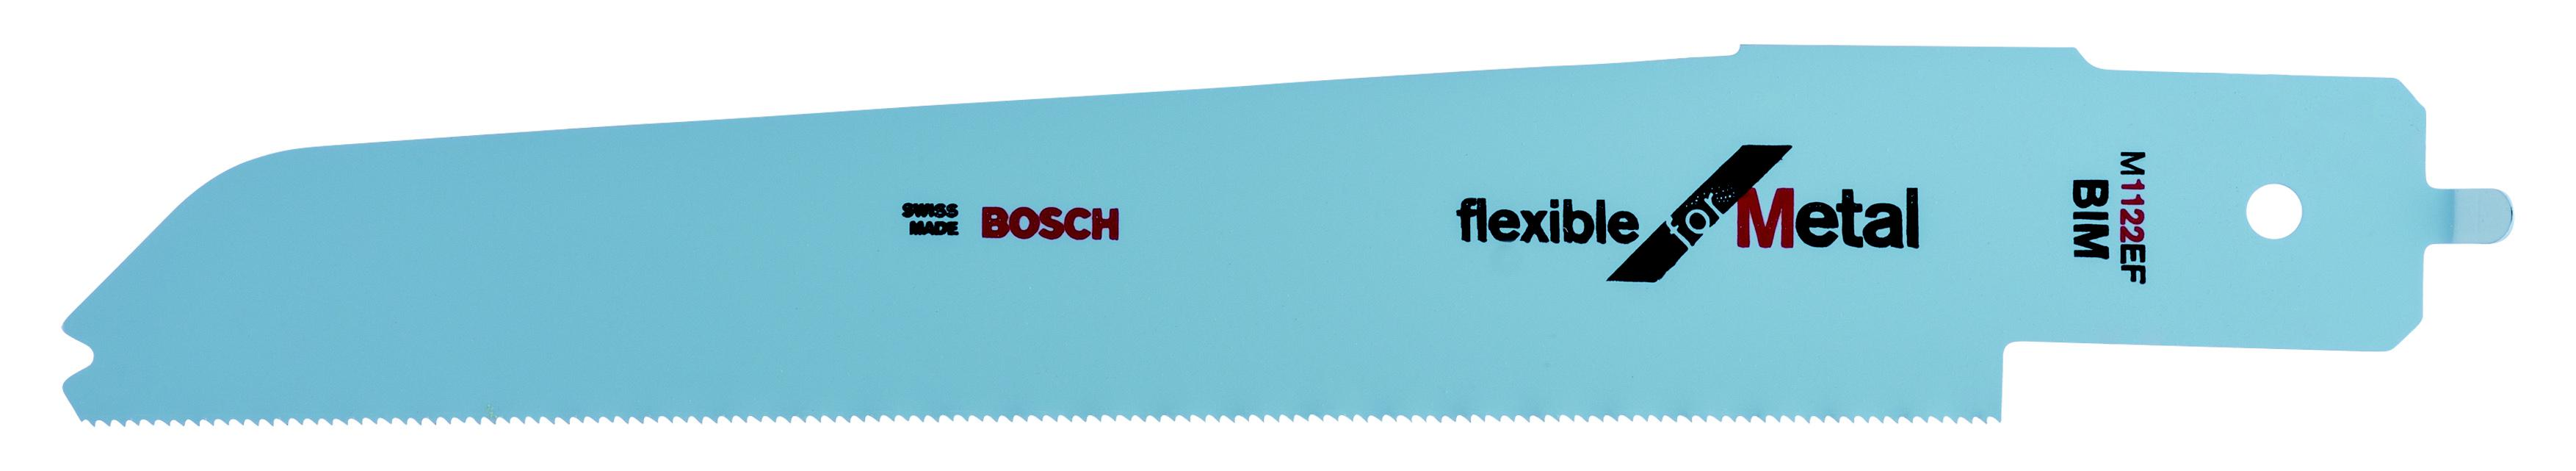 Полотно для сабельной пилы Bosch M 1122 ef (2.608.656.932) bosch mas 6151 m